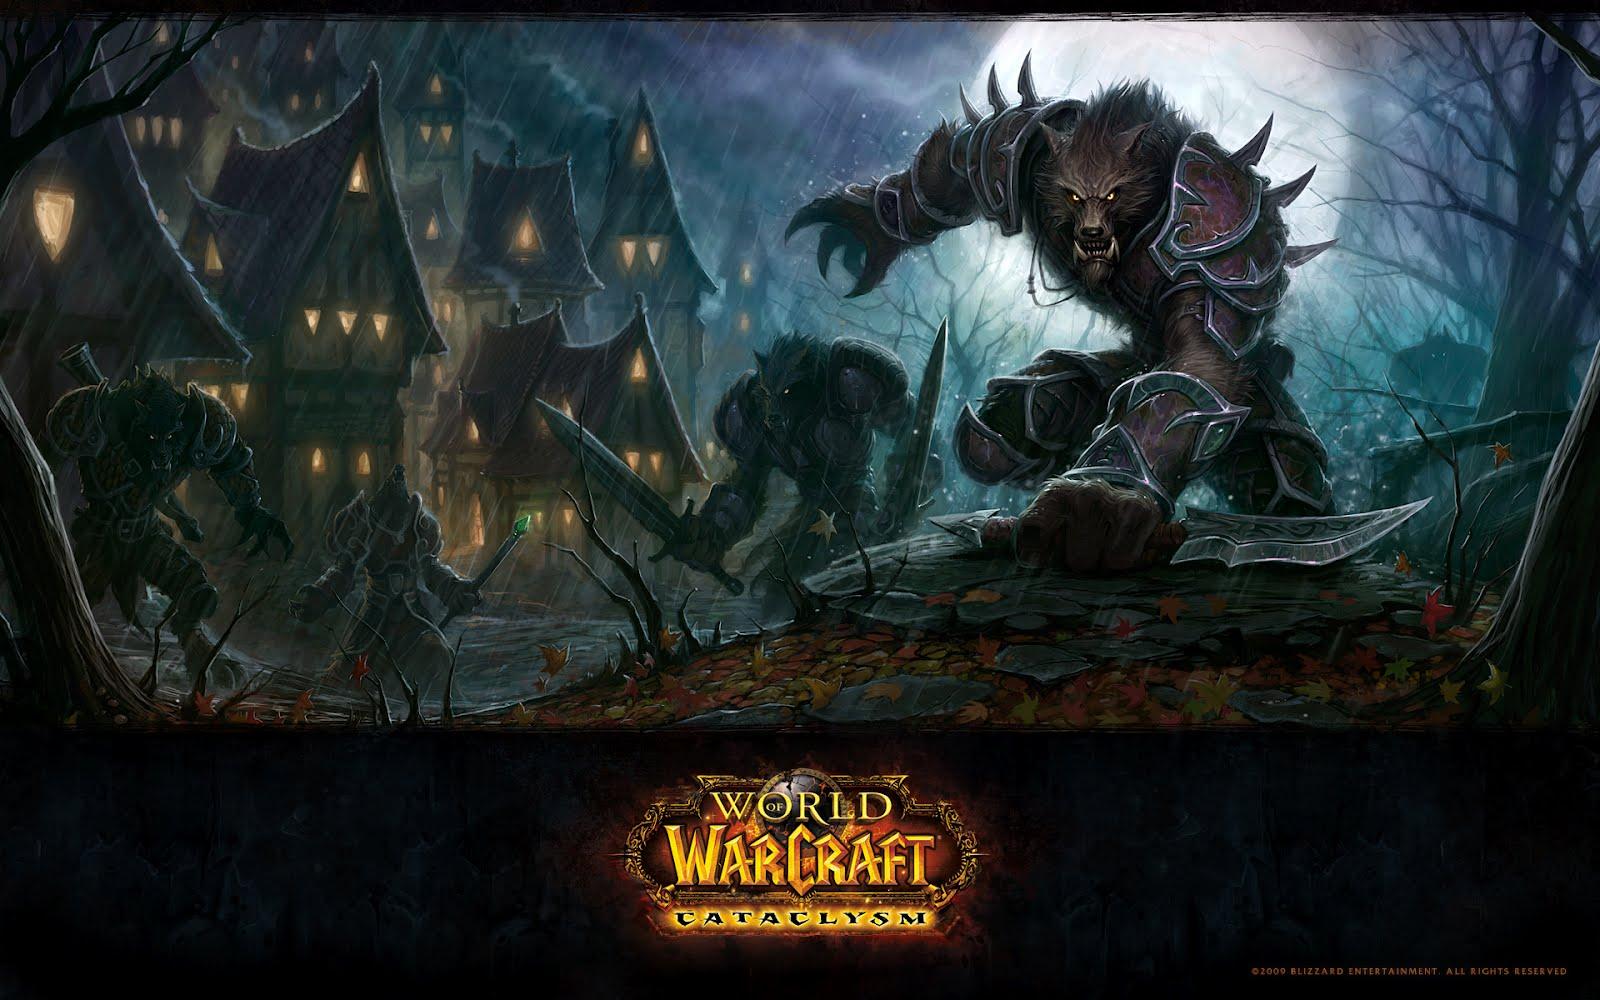 http://4.bp.blogspot.com/--s5b_bh0An4/T13rpmqa3_I/AAAAAAAABkw/TpaL8zJ5ufQ/s1600/world_of_warcraft_cataclysm_game-wide.jpg